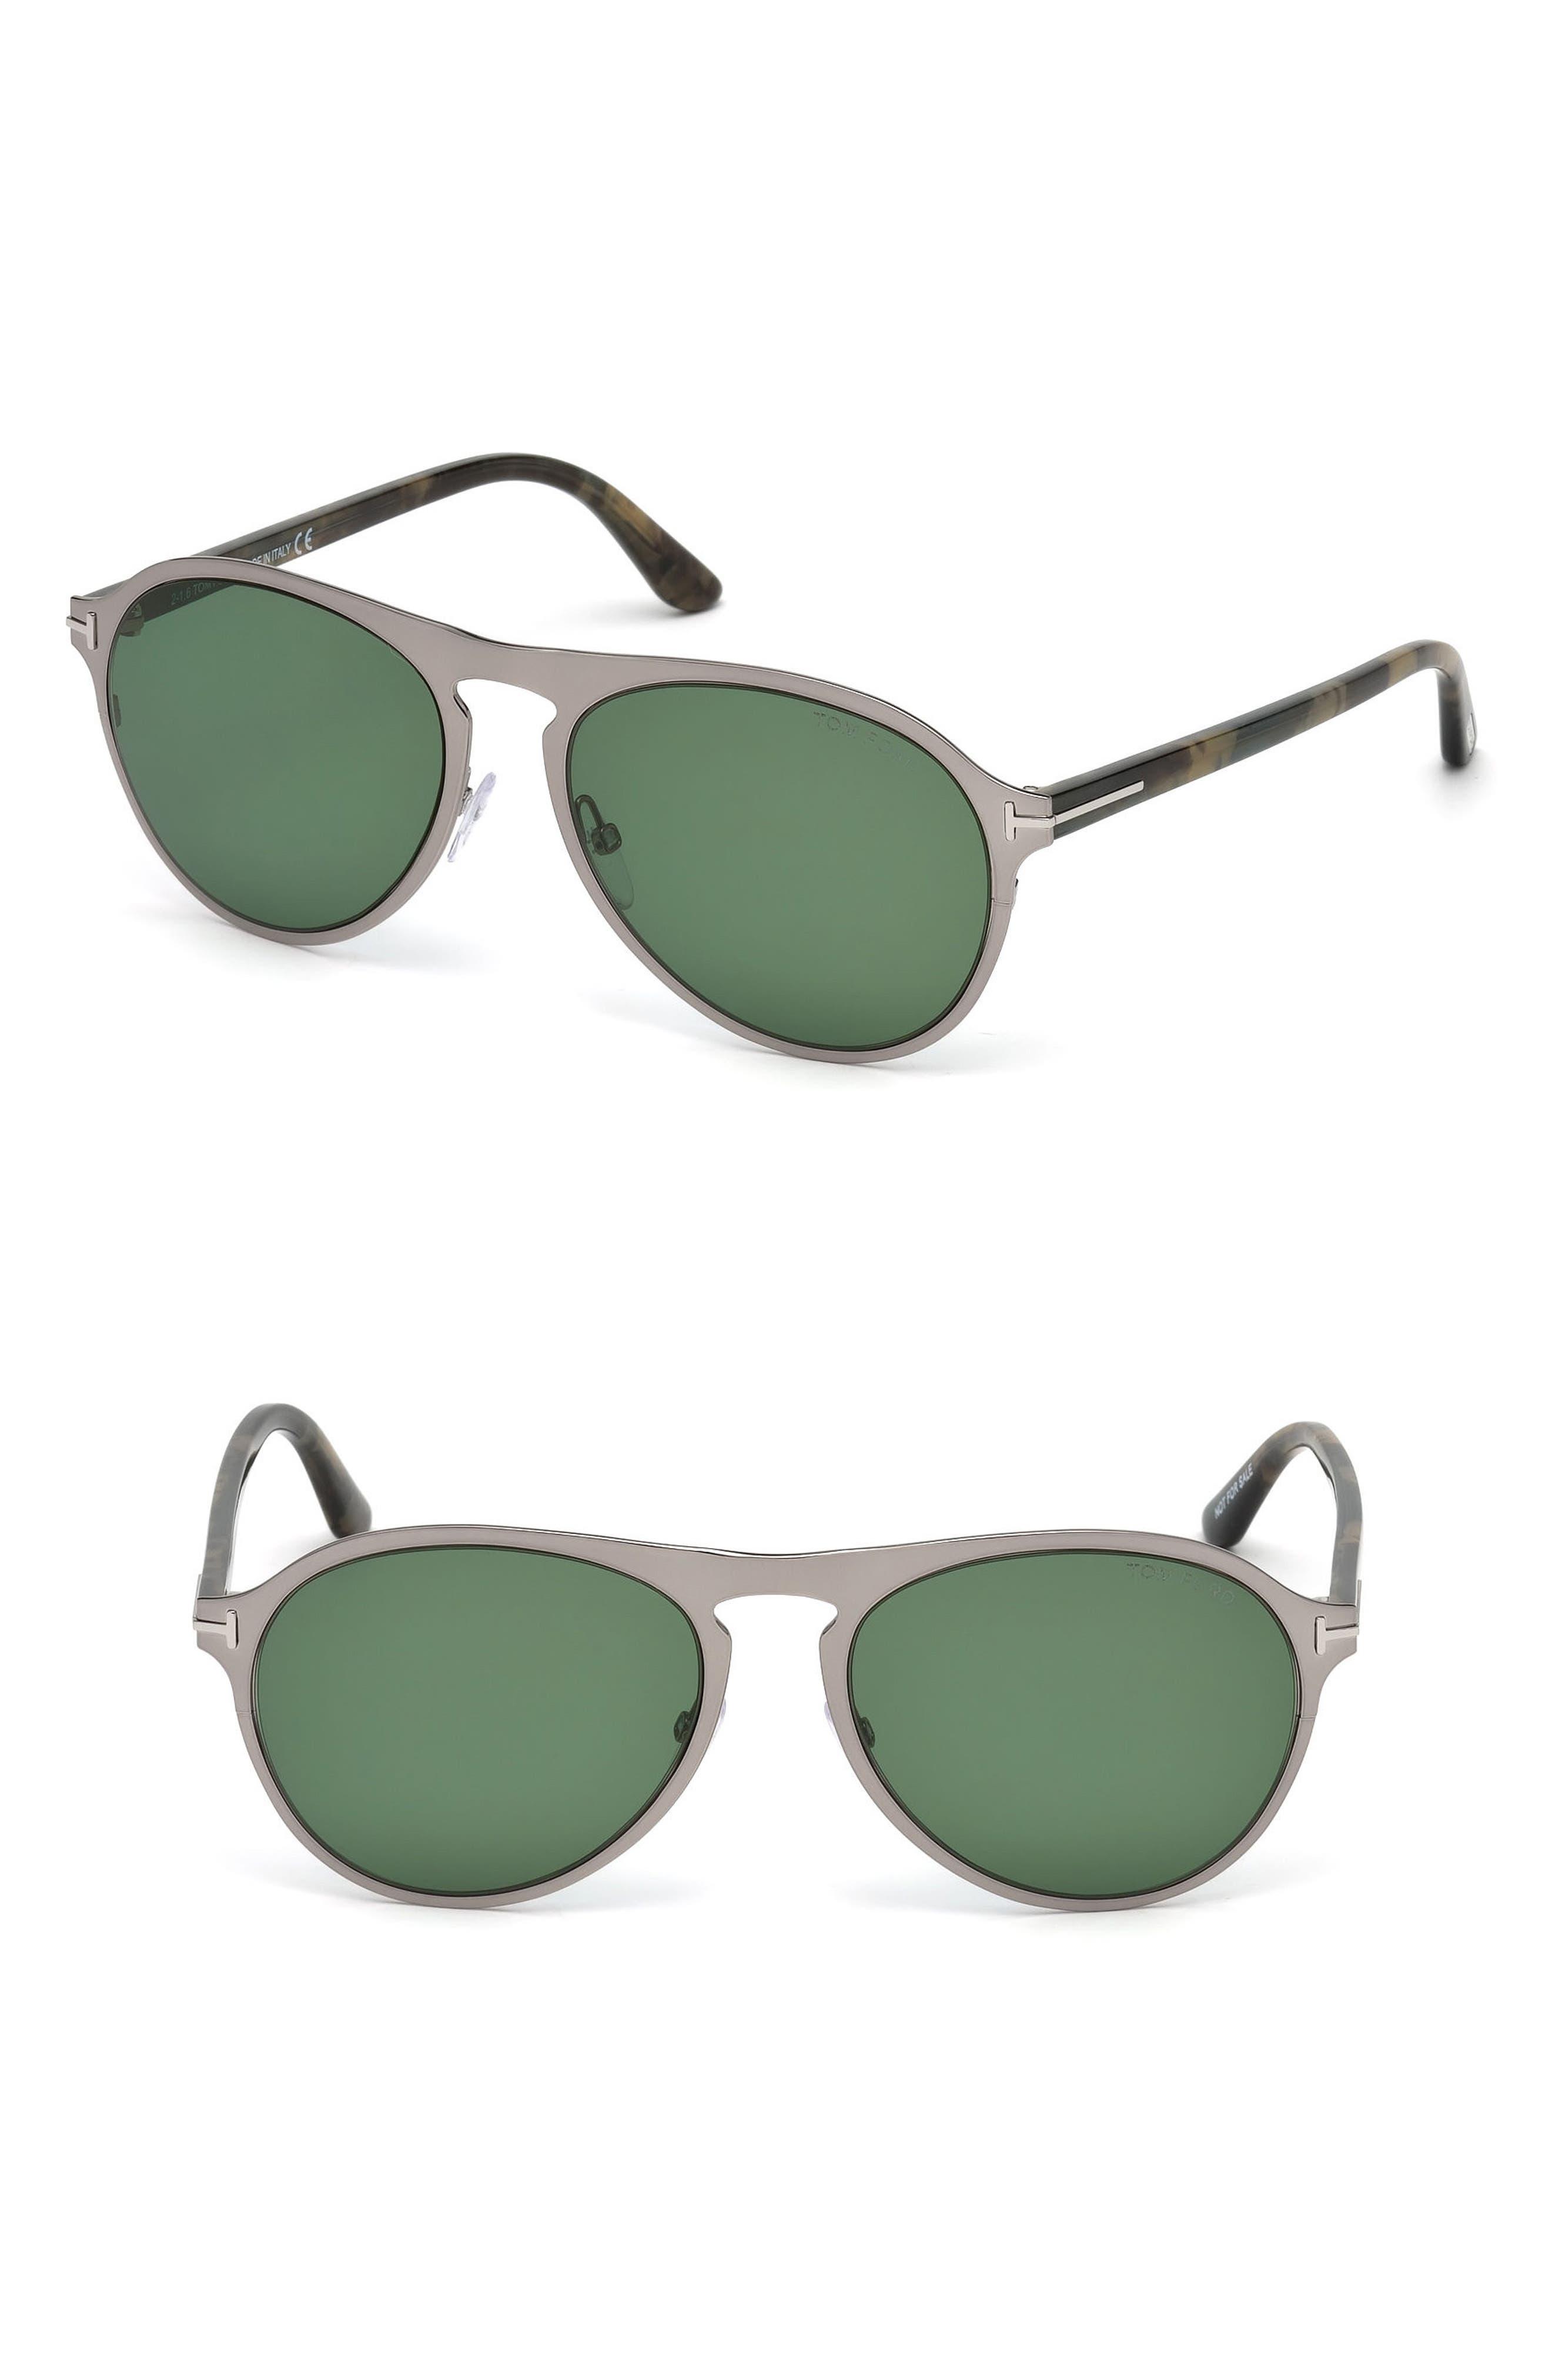 Bradburry 56mm Sunglasses,                             Main thumbnail 1, color,                             SHINY LIGHT RUTHENIUM / GREEN